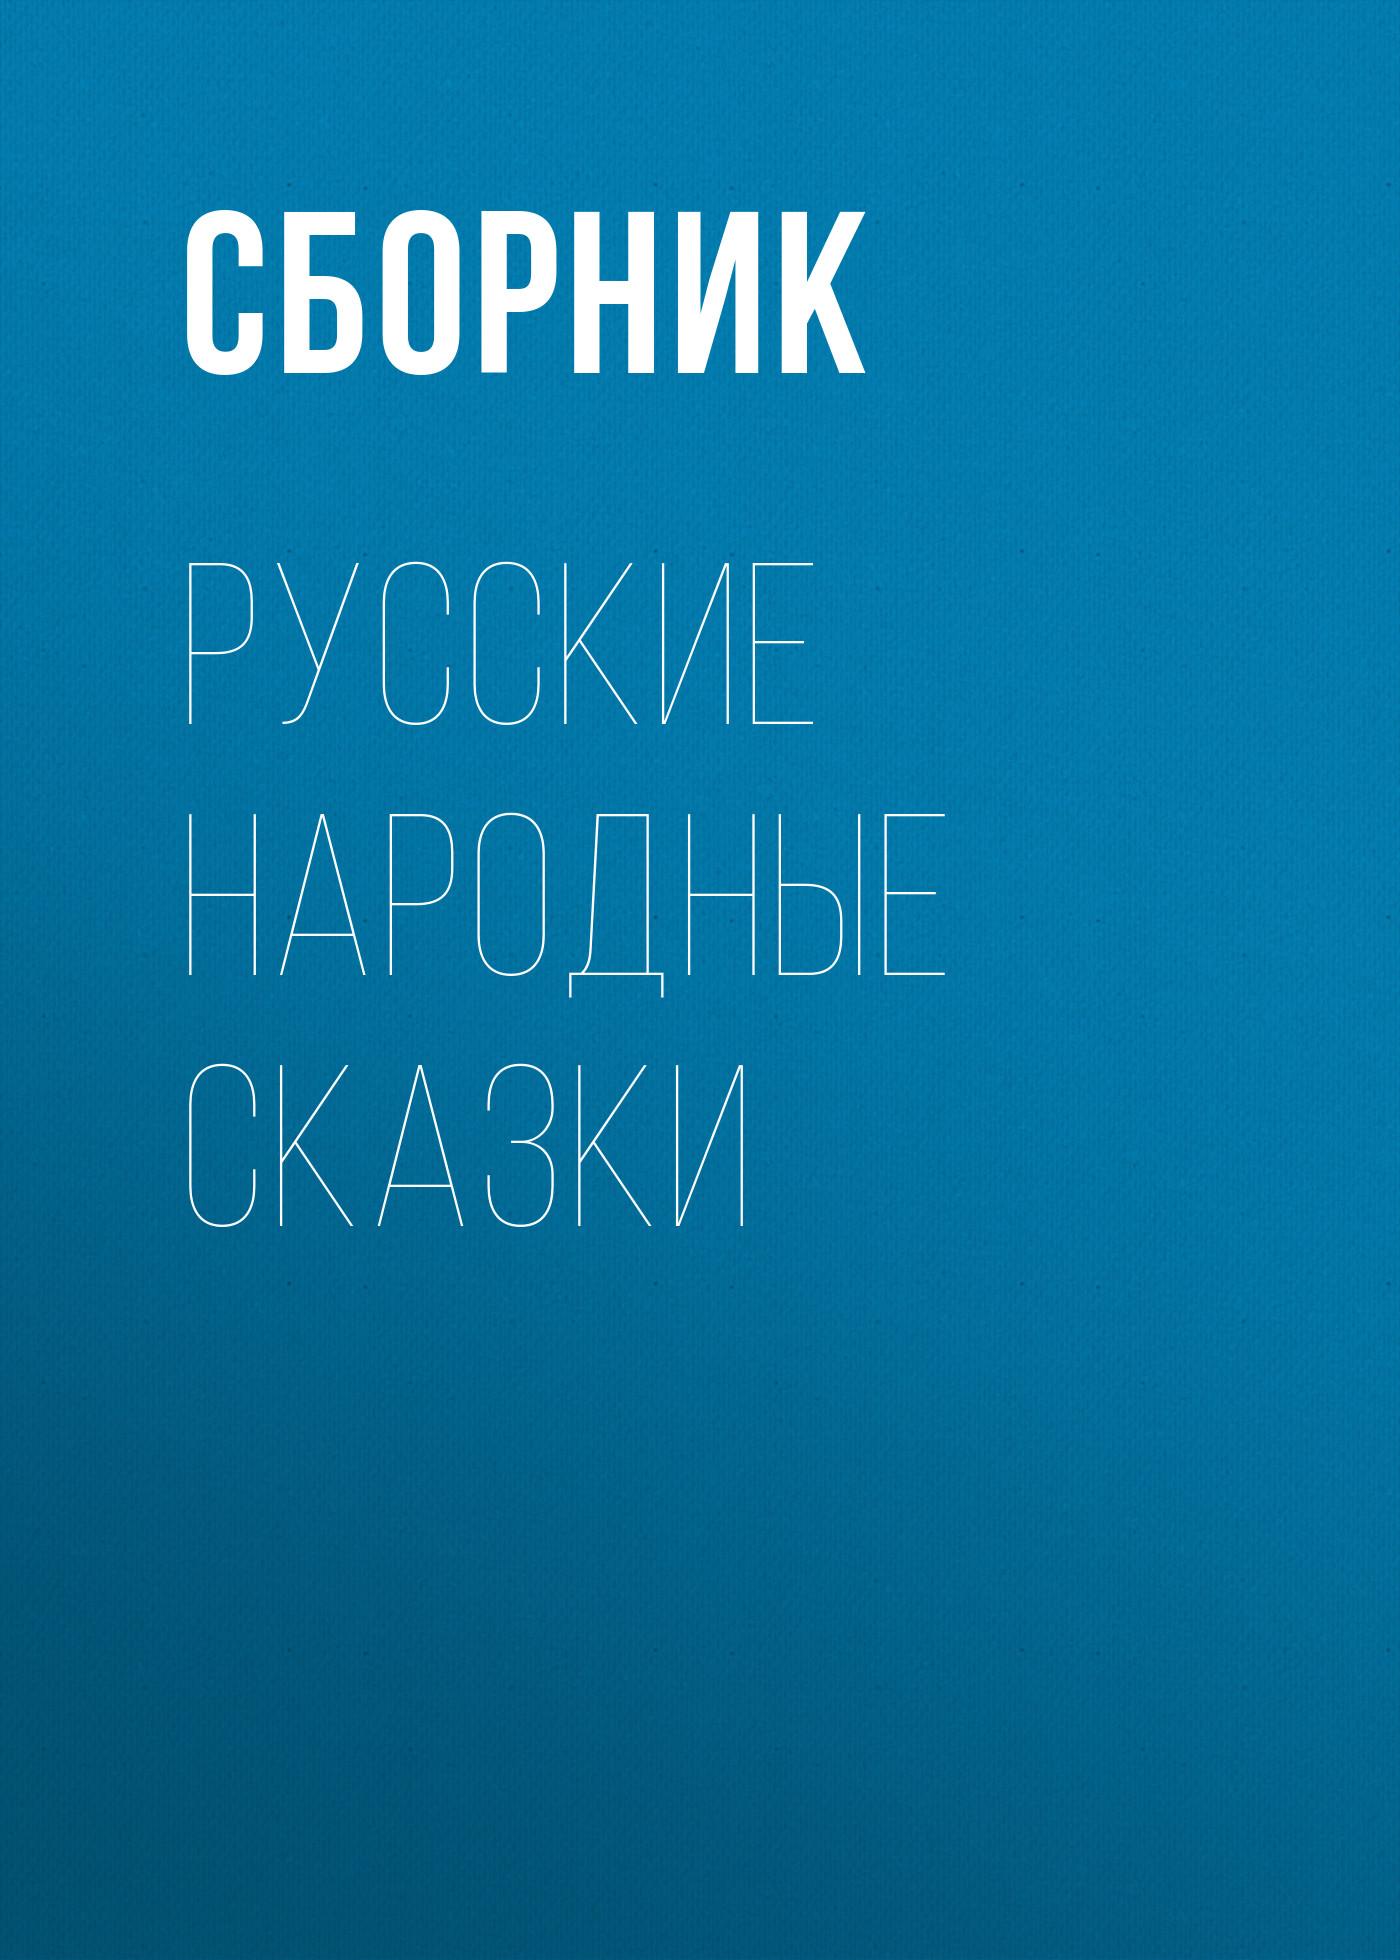 Сборник Русские народные сказки сборник русские народные сказки 2